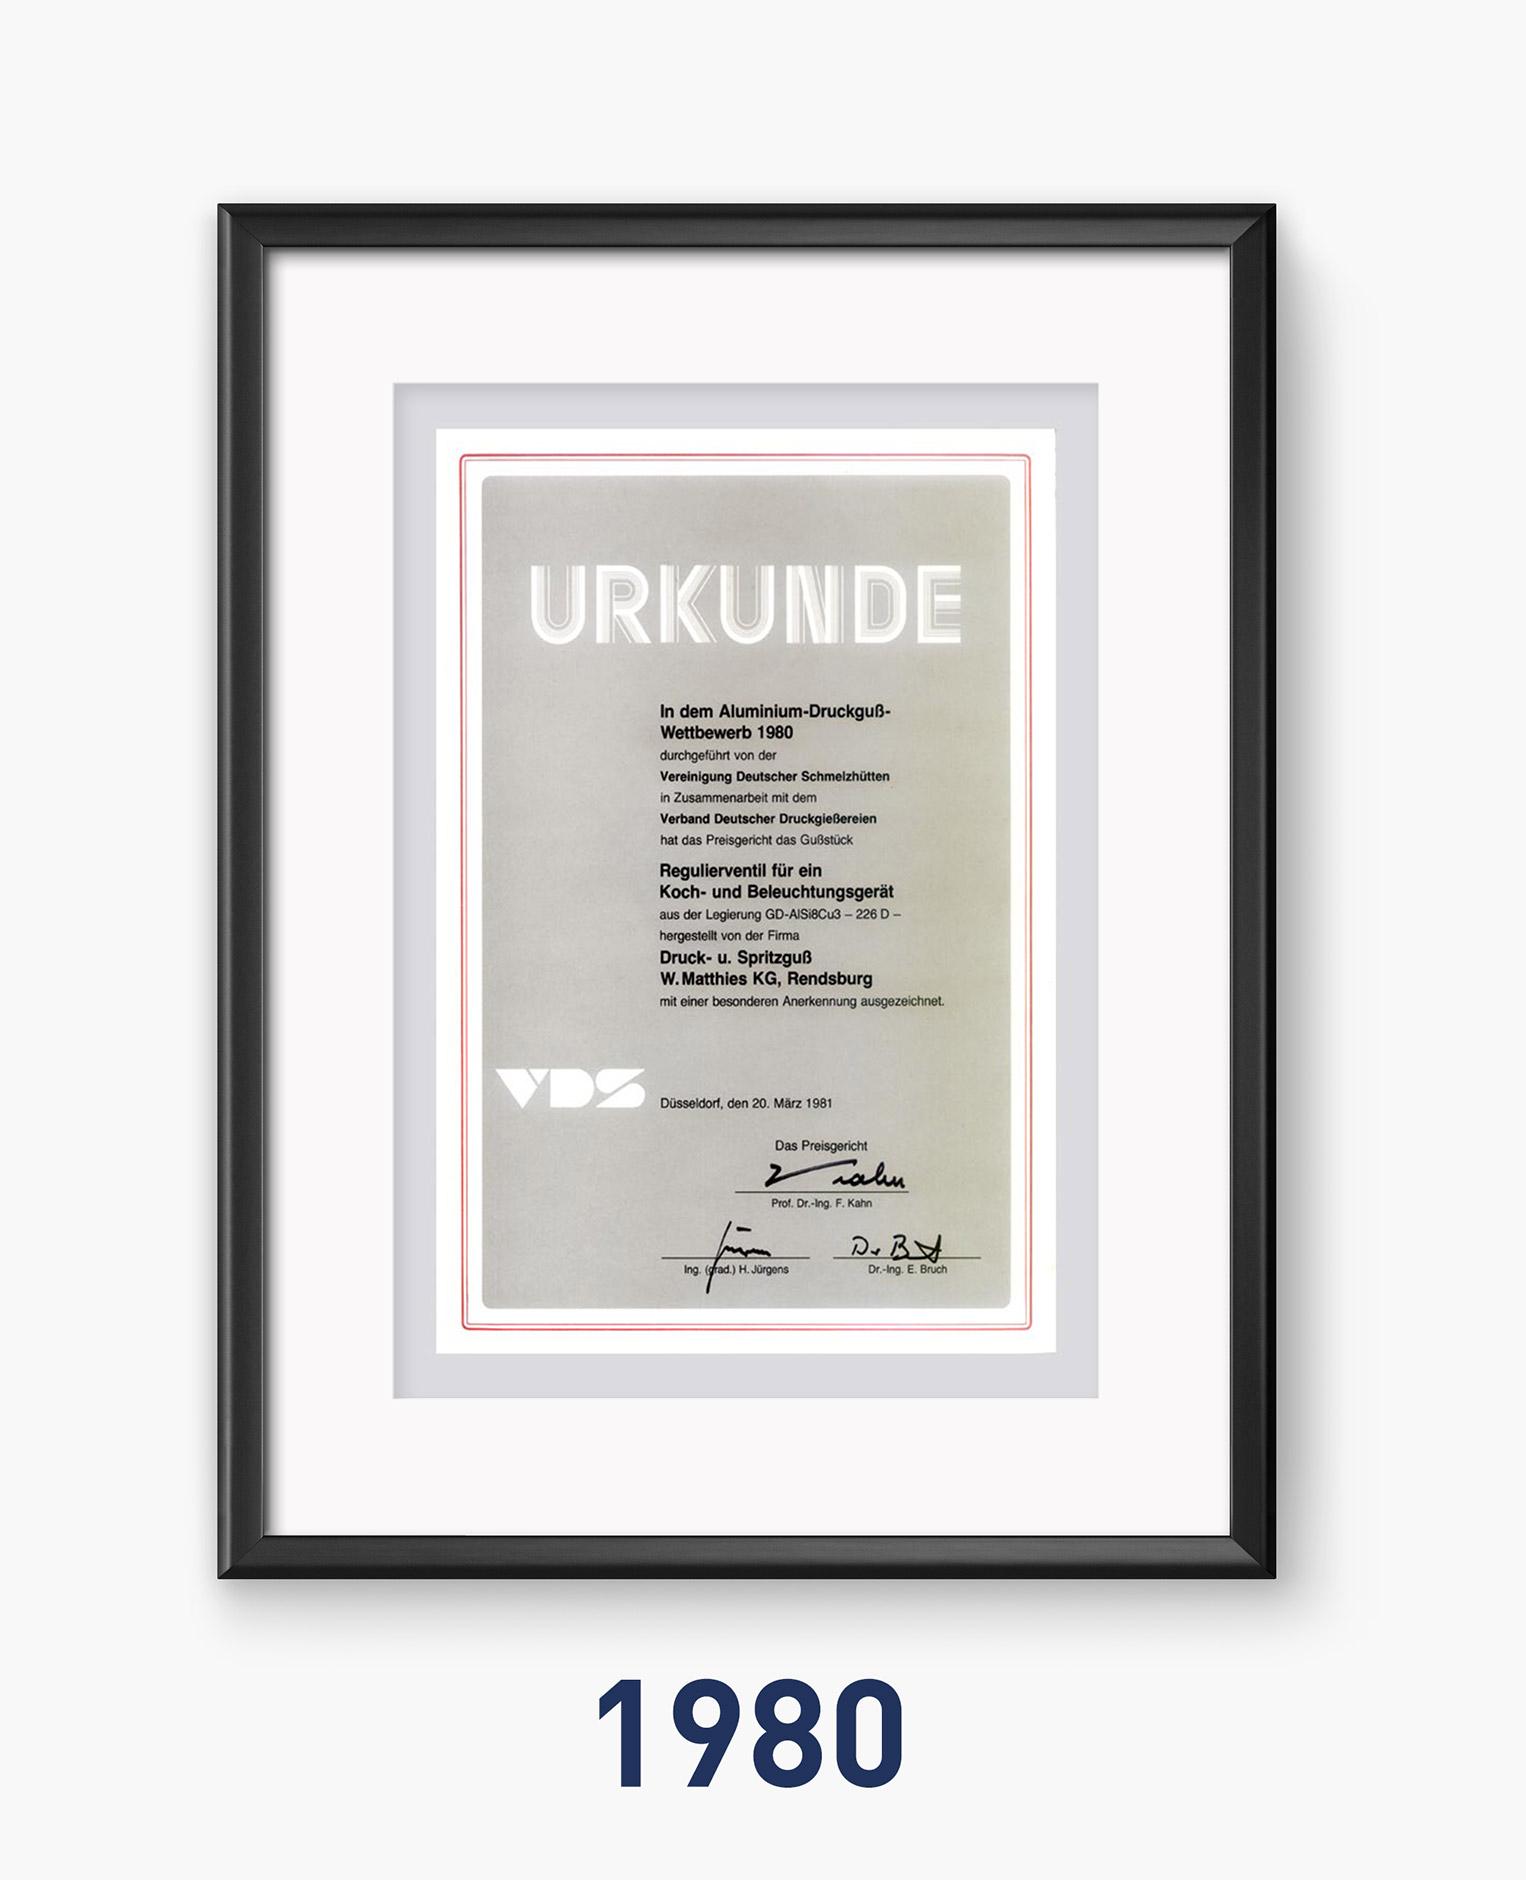 1980 - Qualität